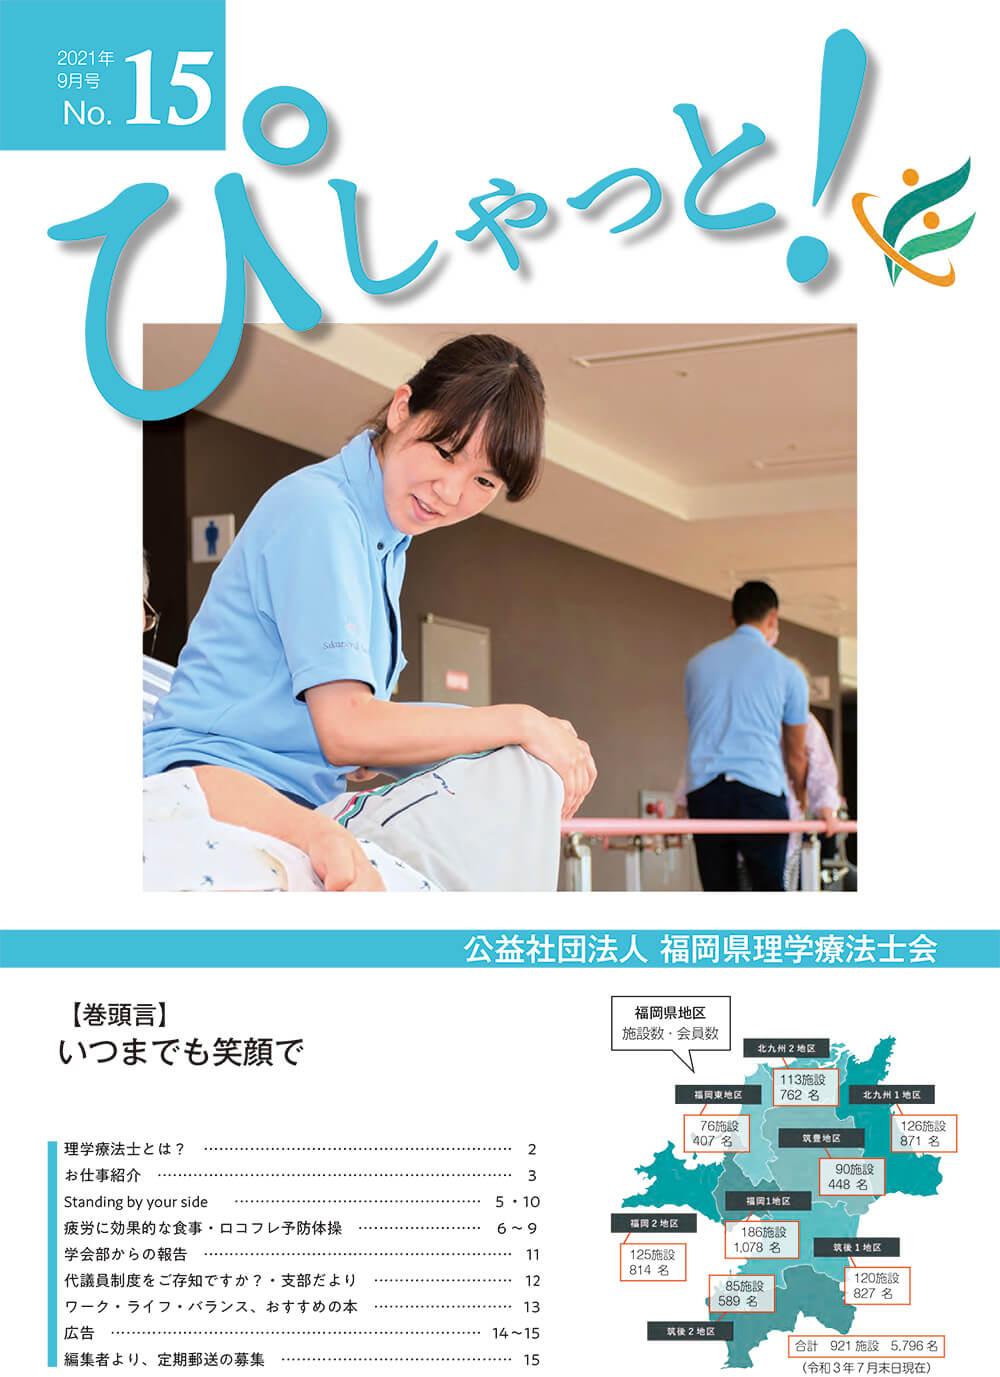 広報誌ぴしゃっと!2021年9月号表紙